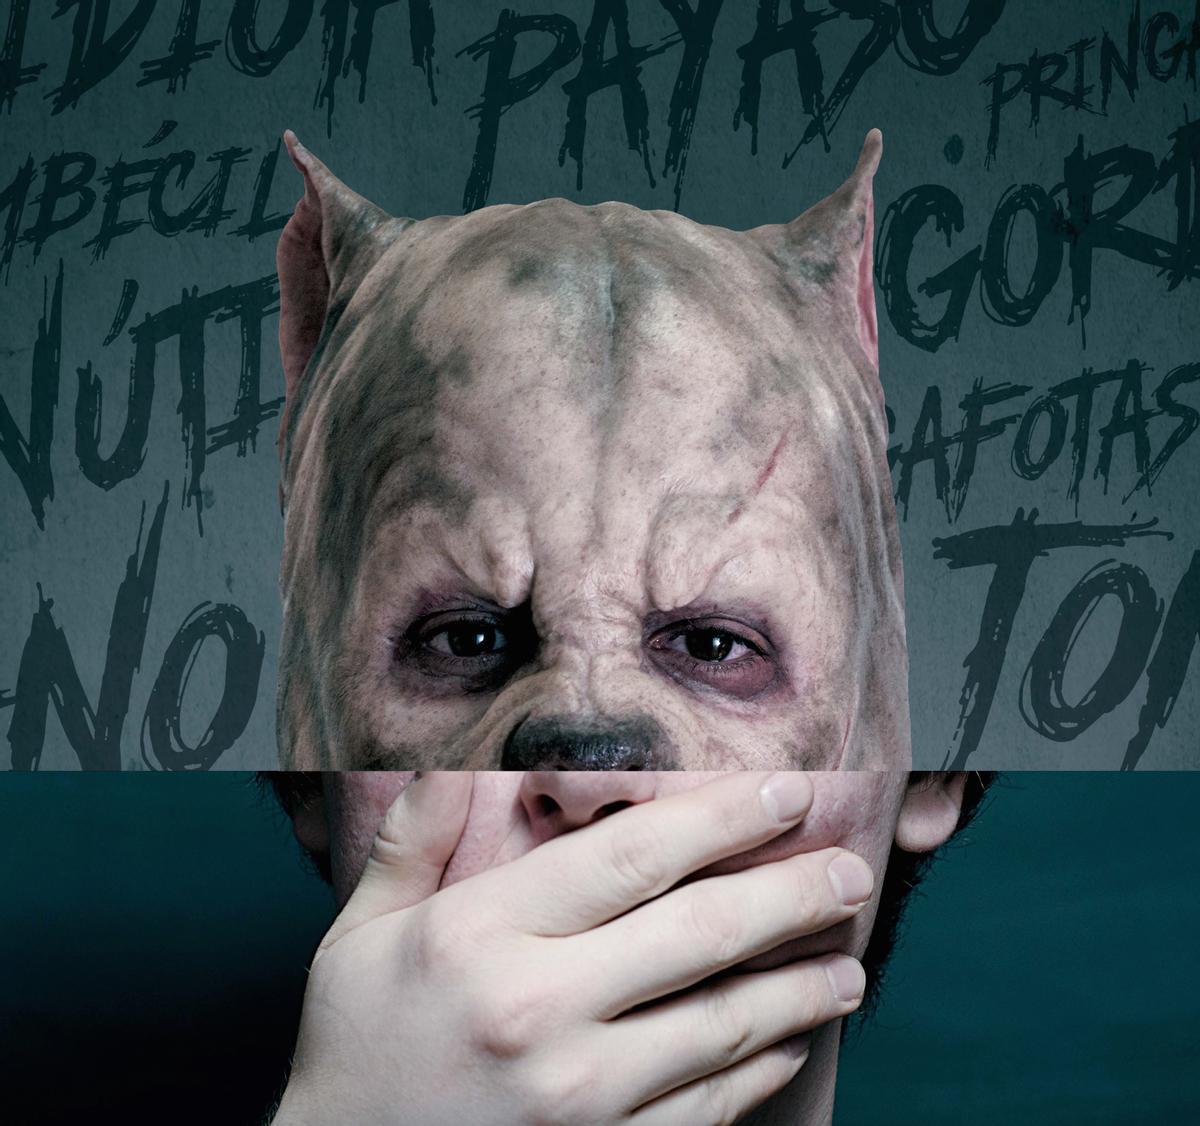 Cartel publicitario contra el 'bullying' de la fundación ANAR